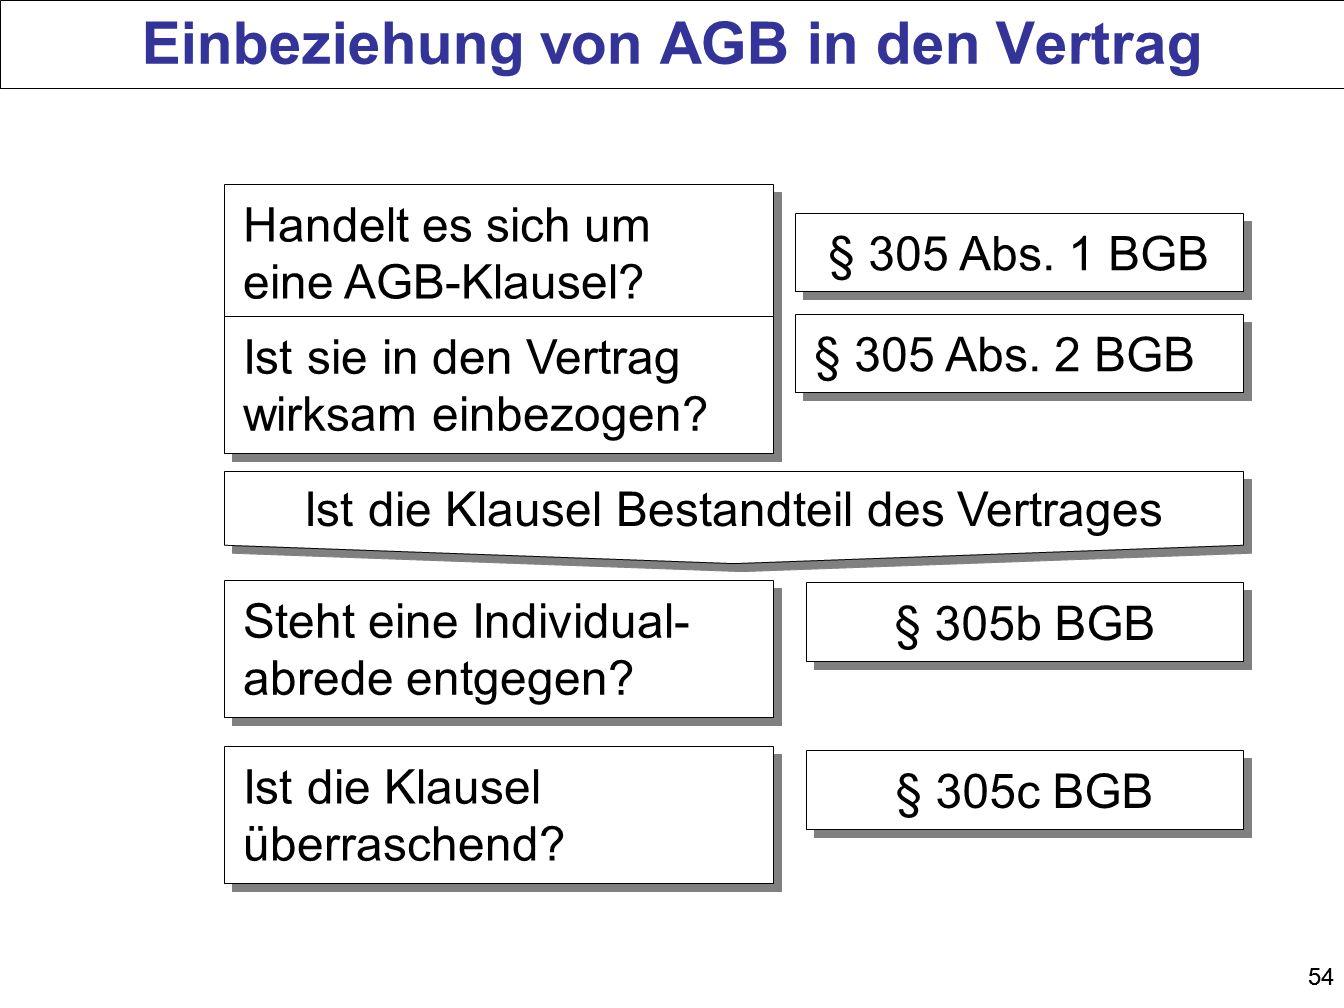 54 Einbeziehung von AGB in den Vertrag Handelt es sich um eine AGB-Klausel? § 305 Abs. 1 BGB Ist sie in den Vertrag wirksam einbezogen? § 305 Abs. 2 B